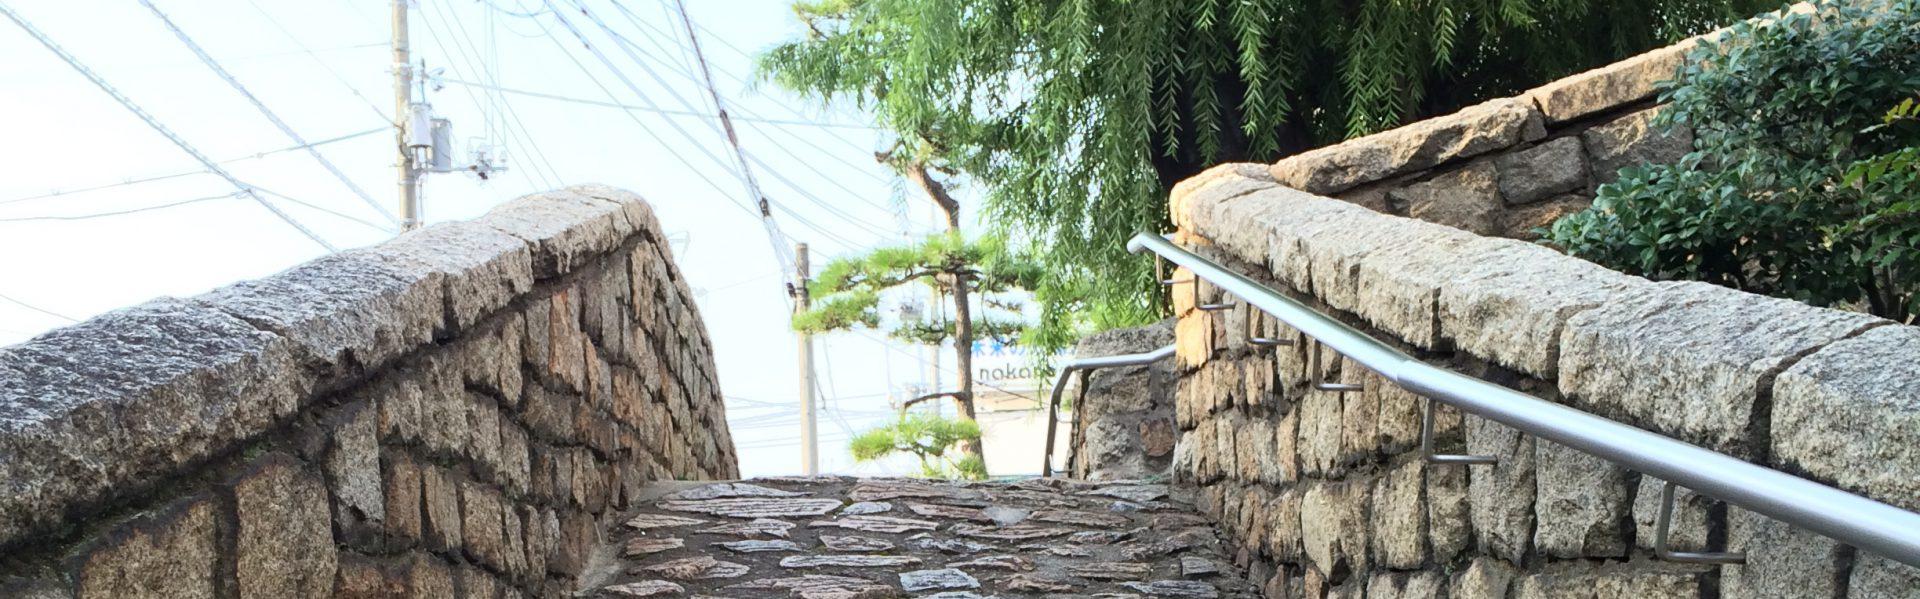 日本基督教団 倉敷教会